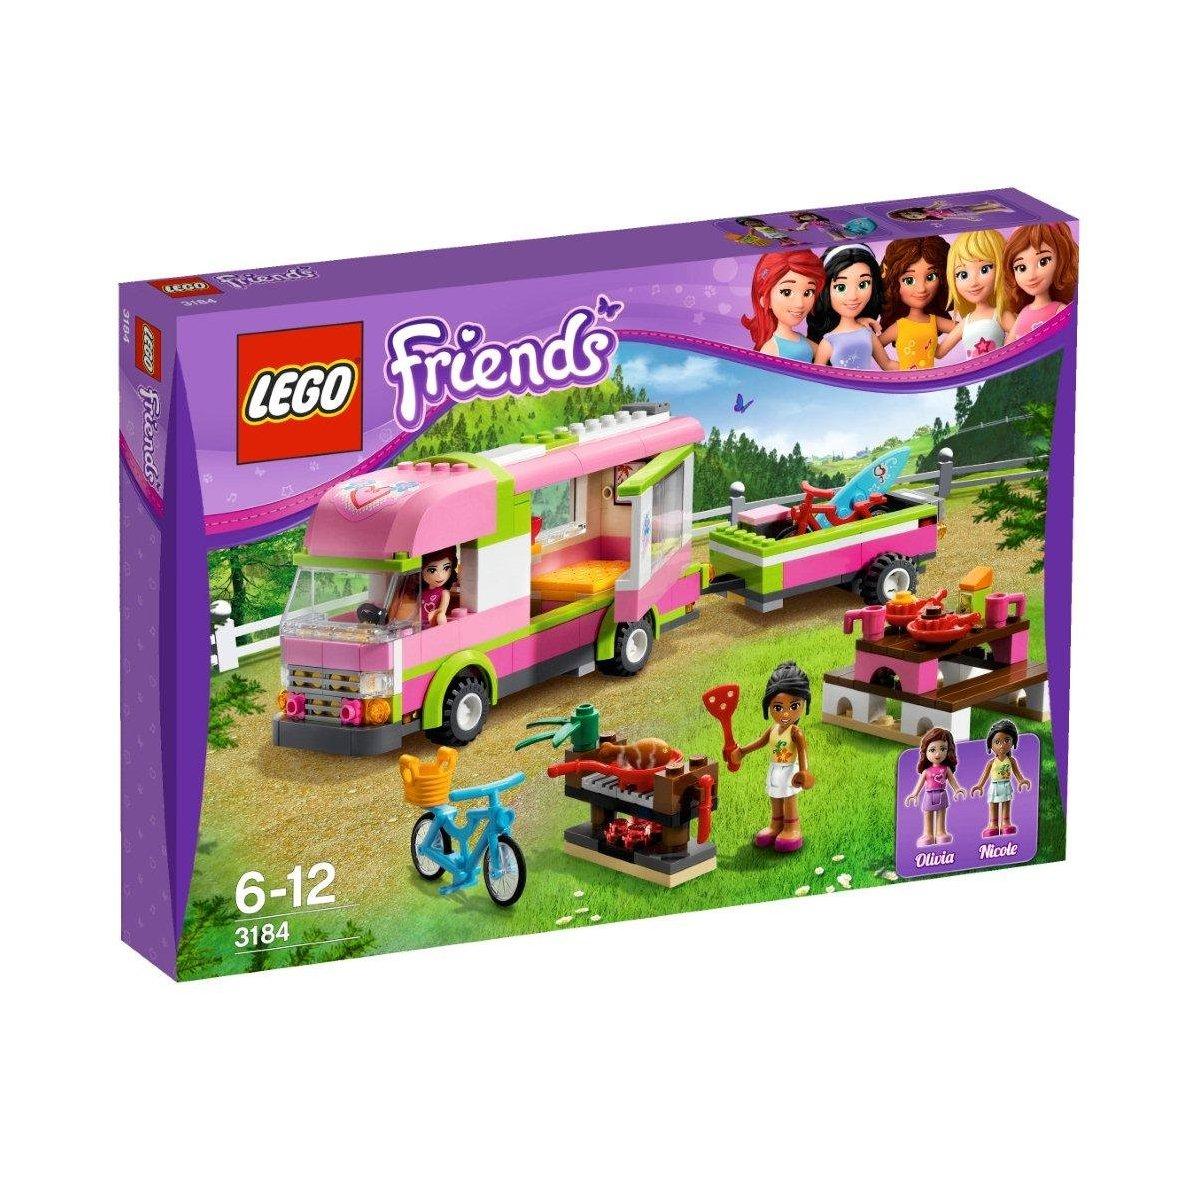 Brick Friends: LEGO 3184 Adventure Camper